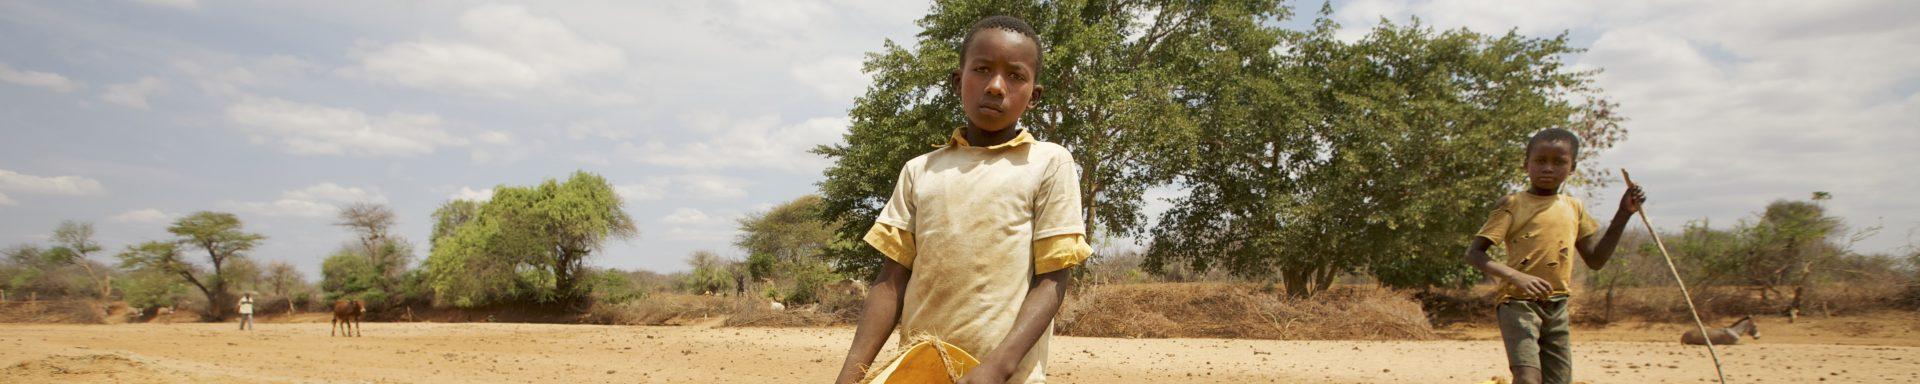 Kinderen verzamelen water in Kenia